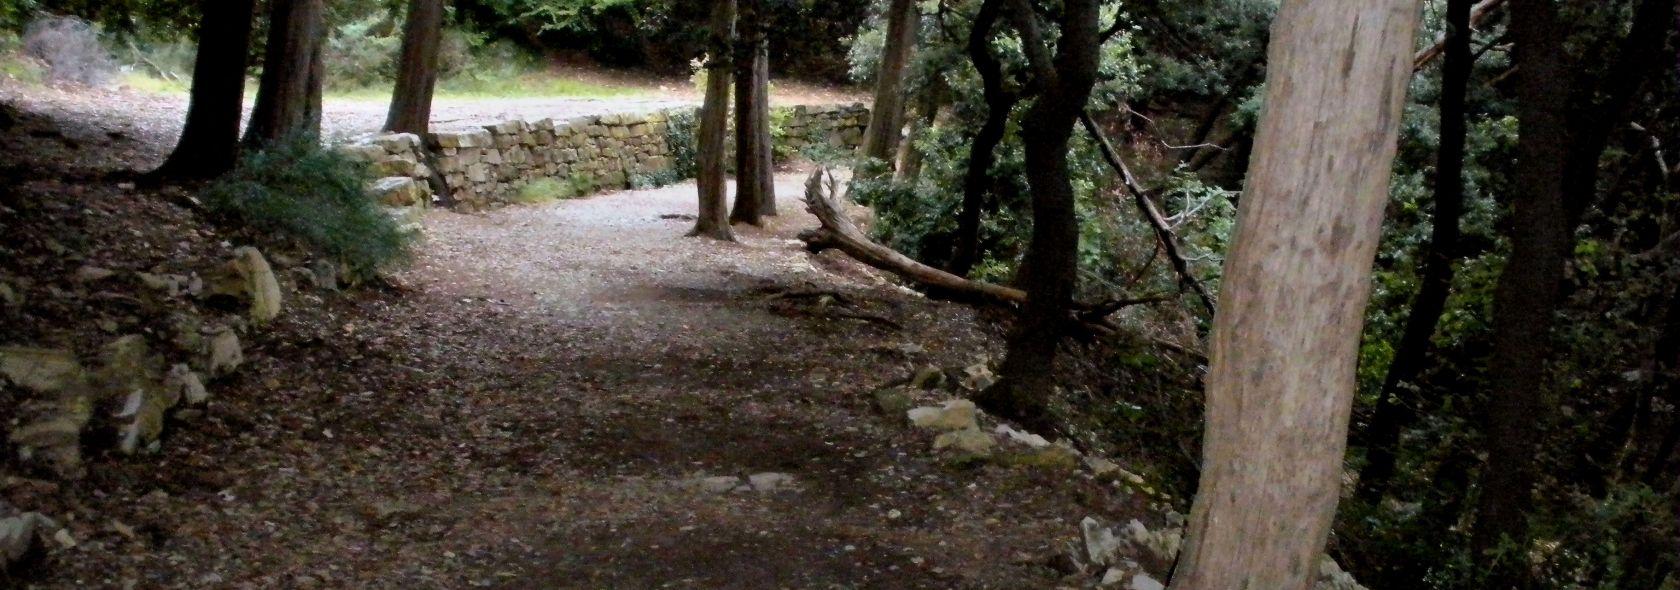 Bosco dei Frati Minori del Santuario di Nostra Signora del Monte - foto: BBruno